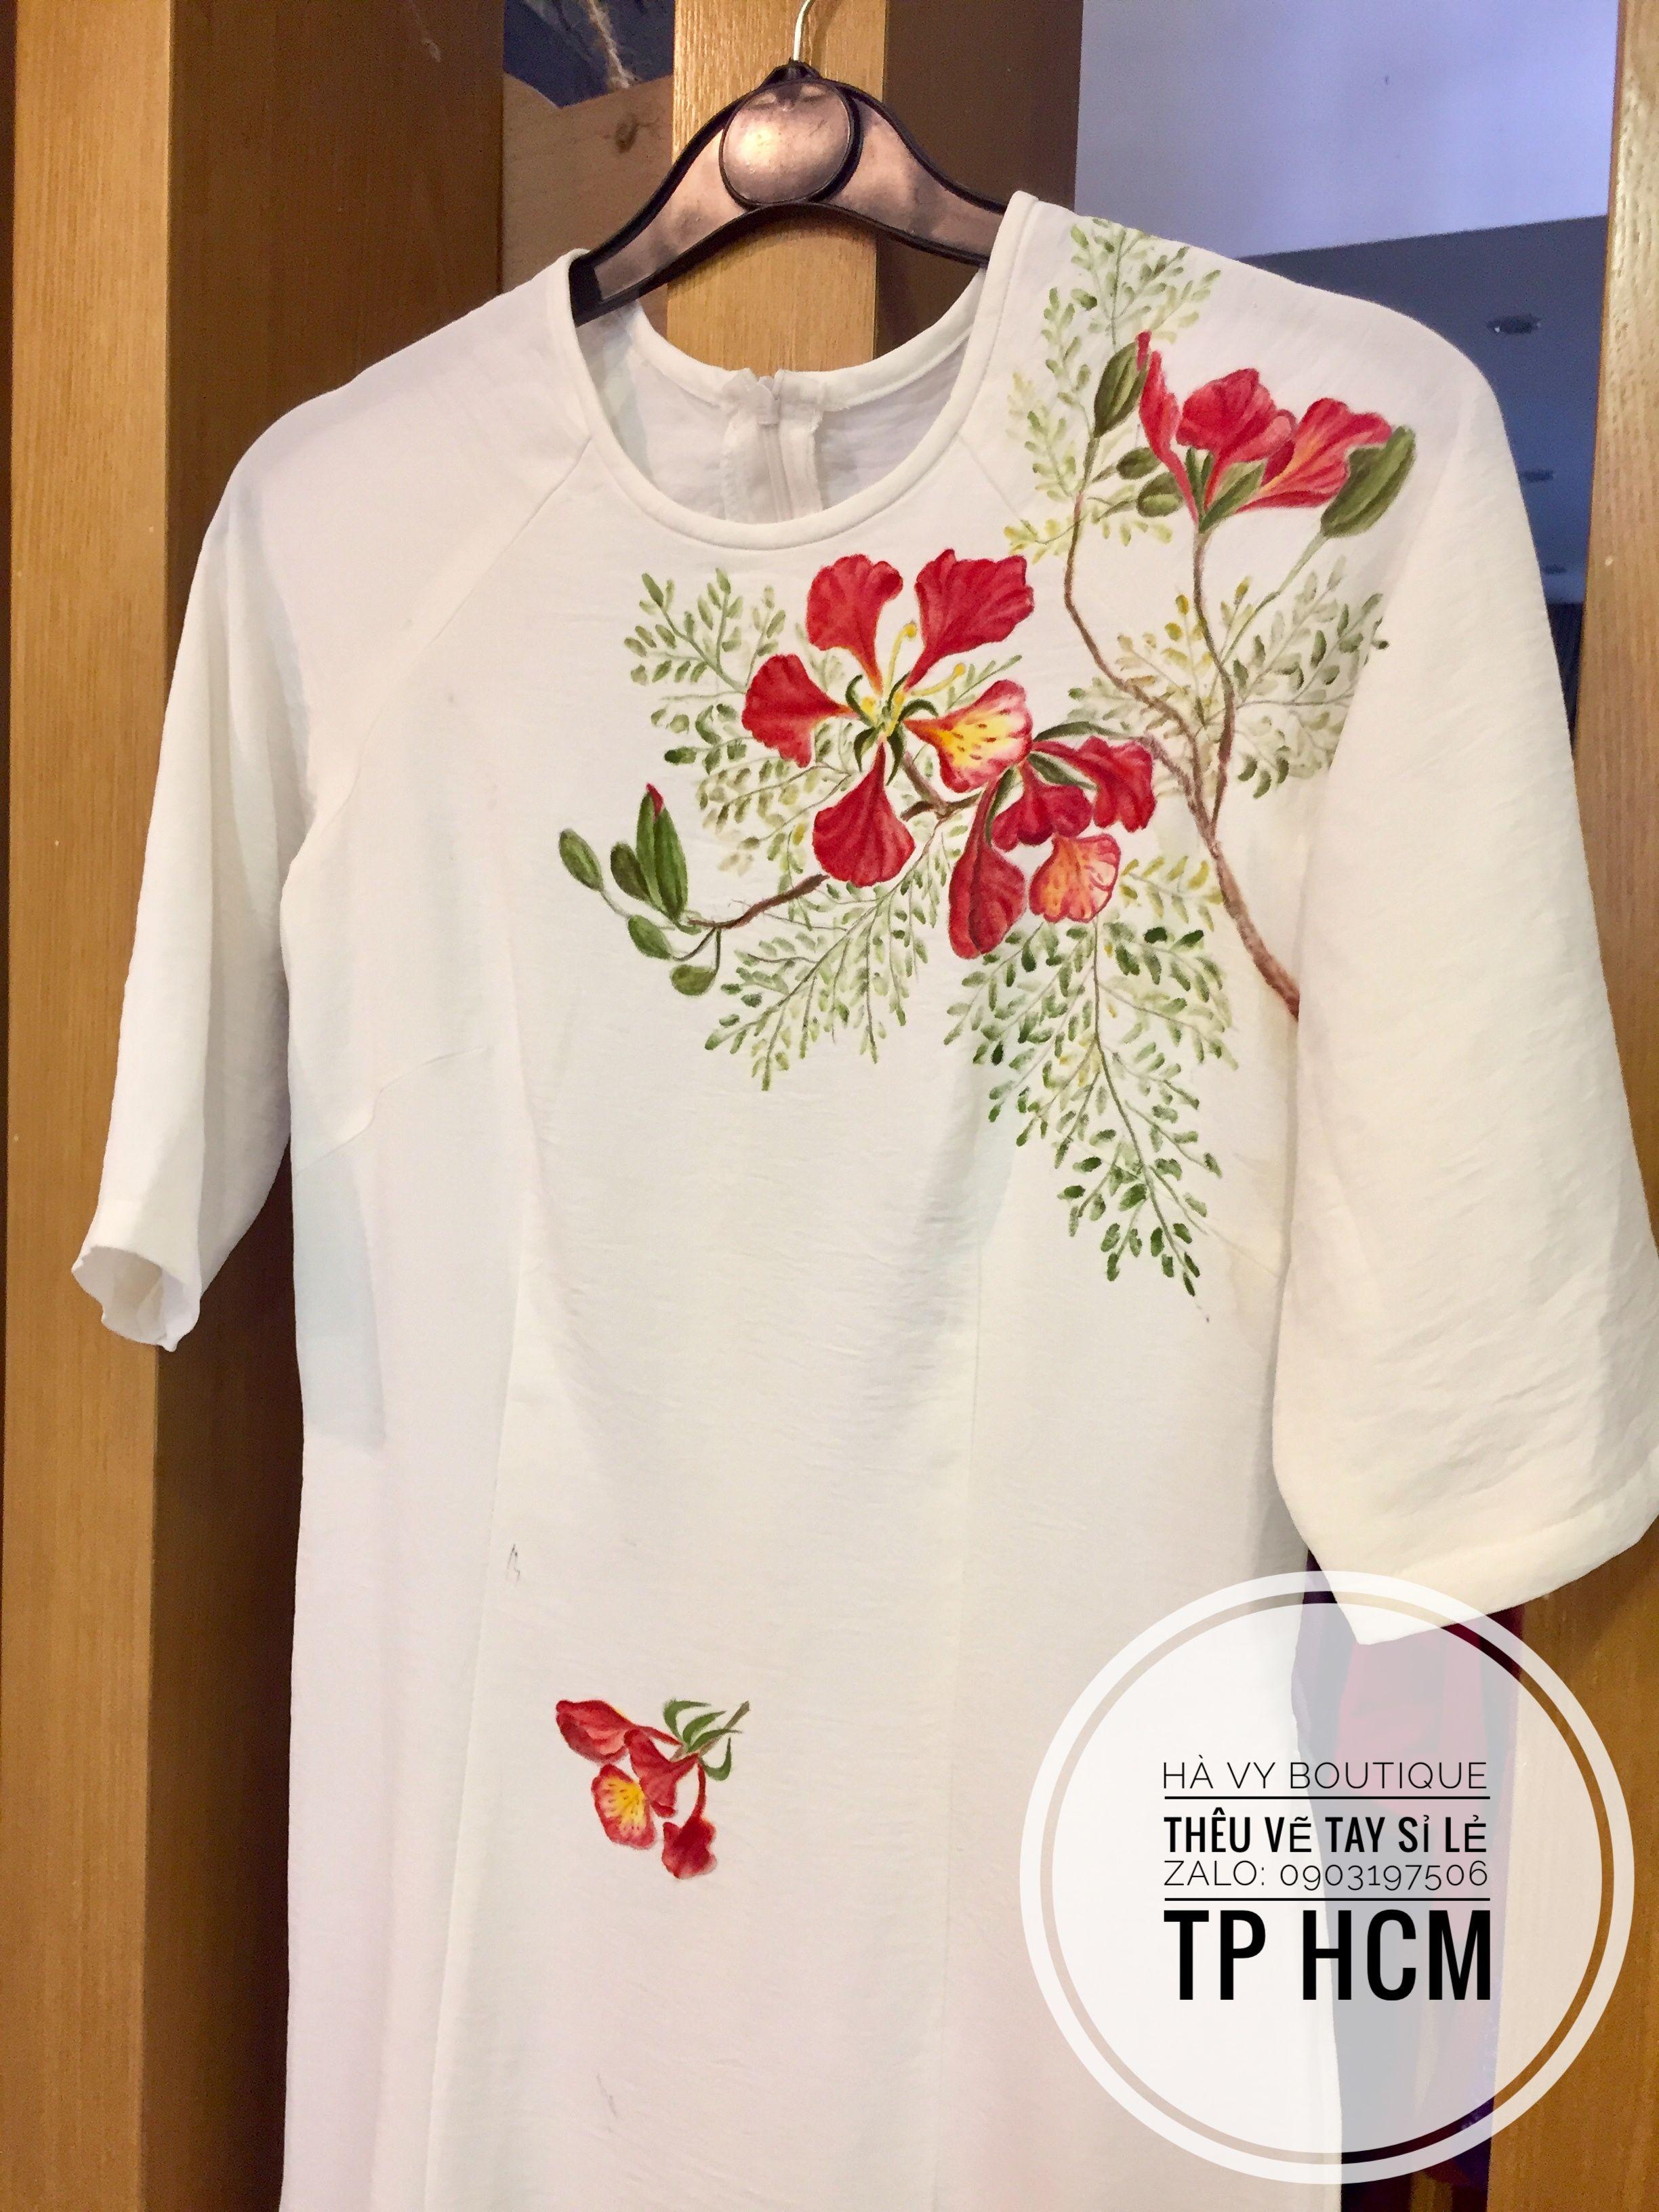 bd0fb218 Pin by Ha on THÊU VẼ ÁO HÀ VY - 23/2/1/10, đường số 27, P. Hiệp bình chánh,  Thủ Đức, TpHCM | Fabric Painting, Painted clothes, Clothes